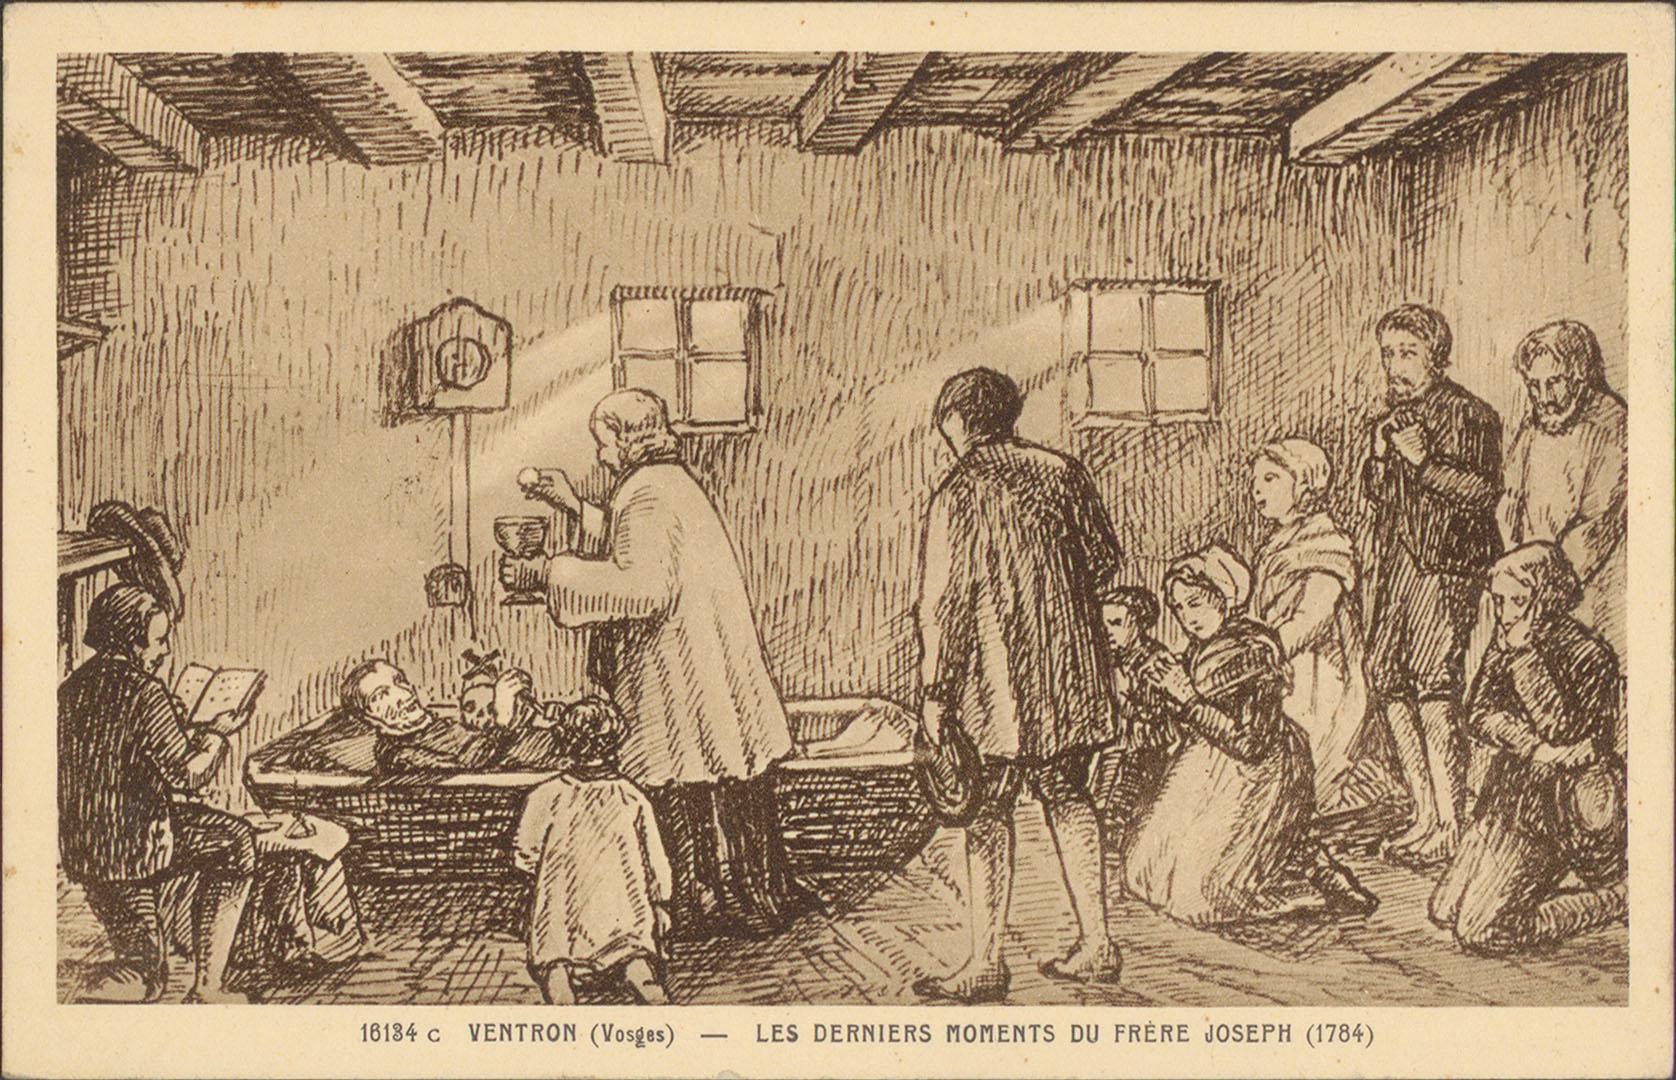 Contenu du Ventron (Vosges), Les Derniers moments du Frère Joseph (1784)